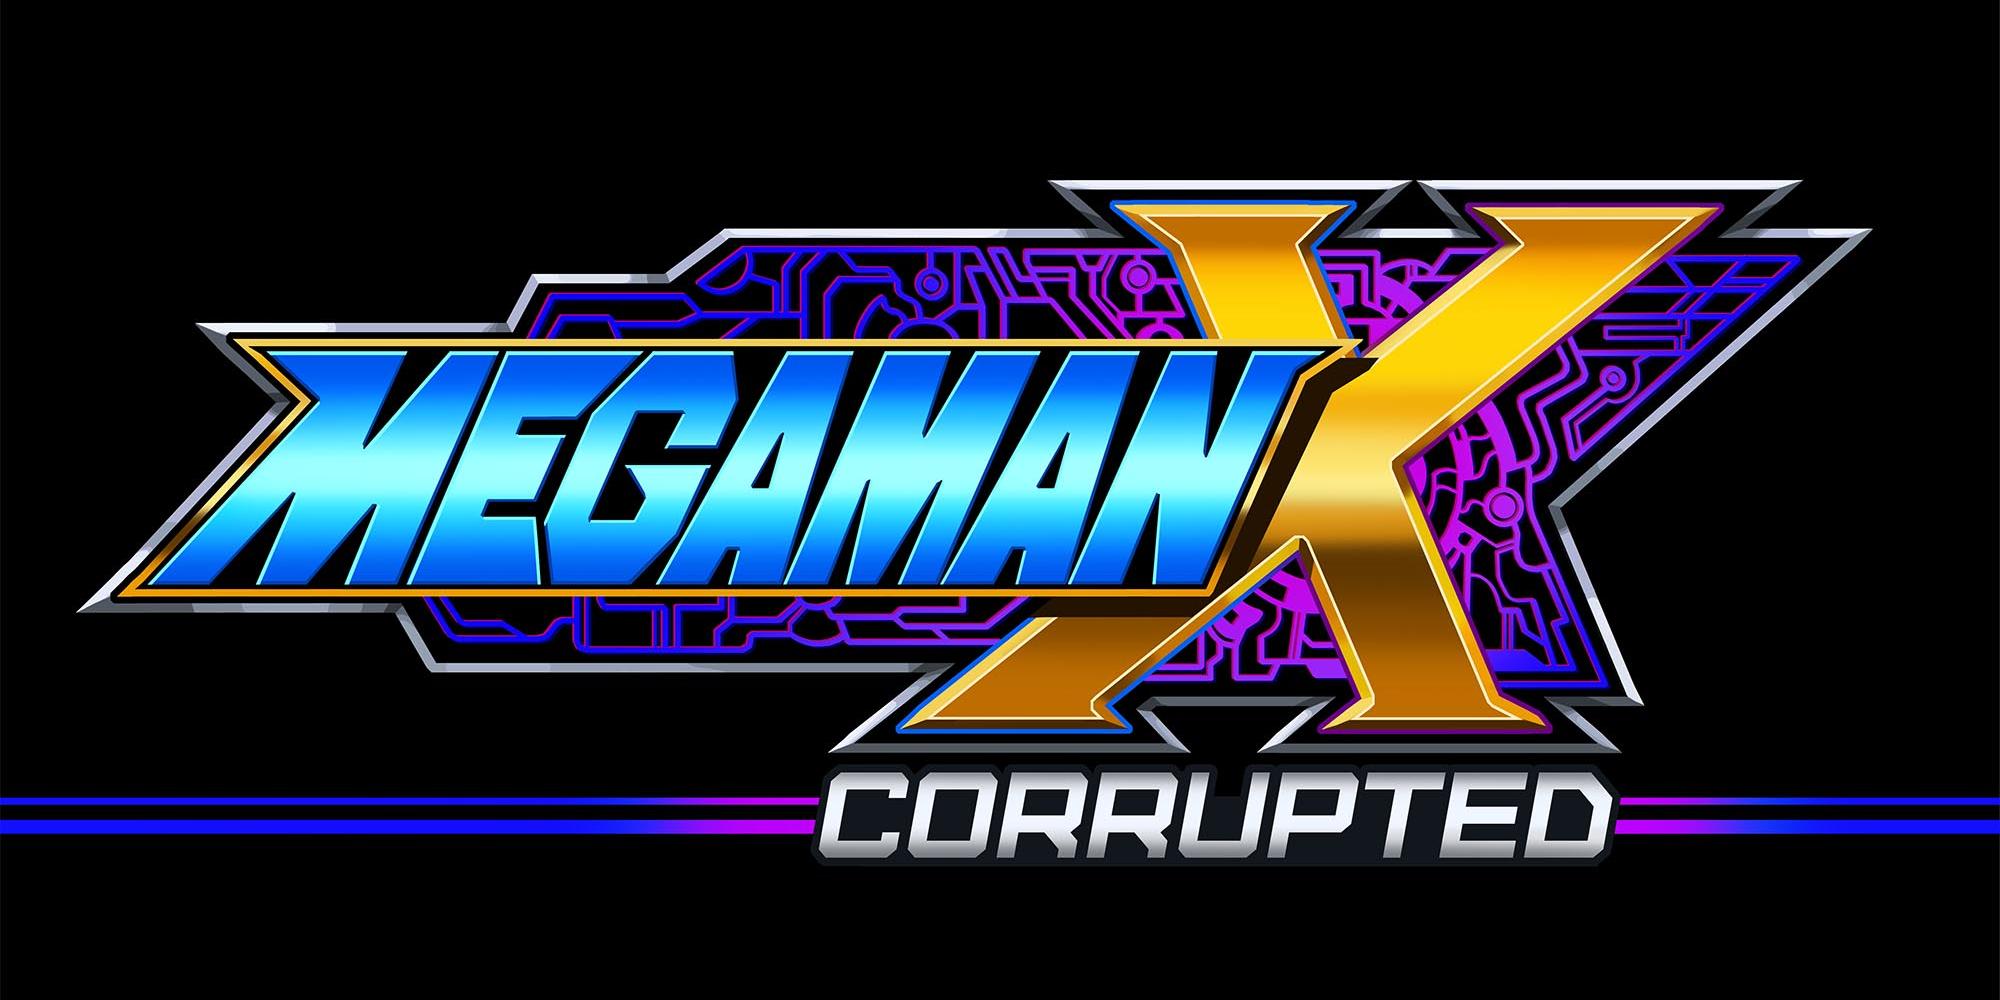 Megaman X Corrupted - un énorme projet de fan-game